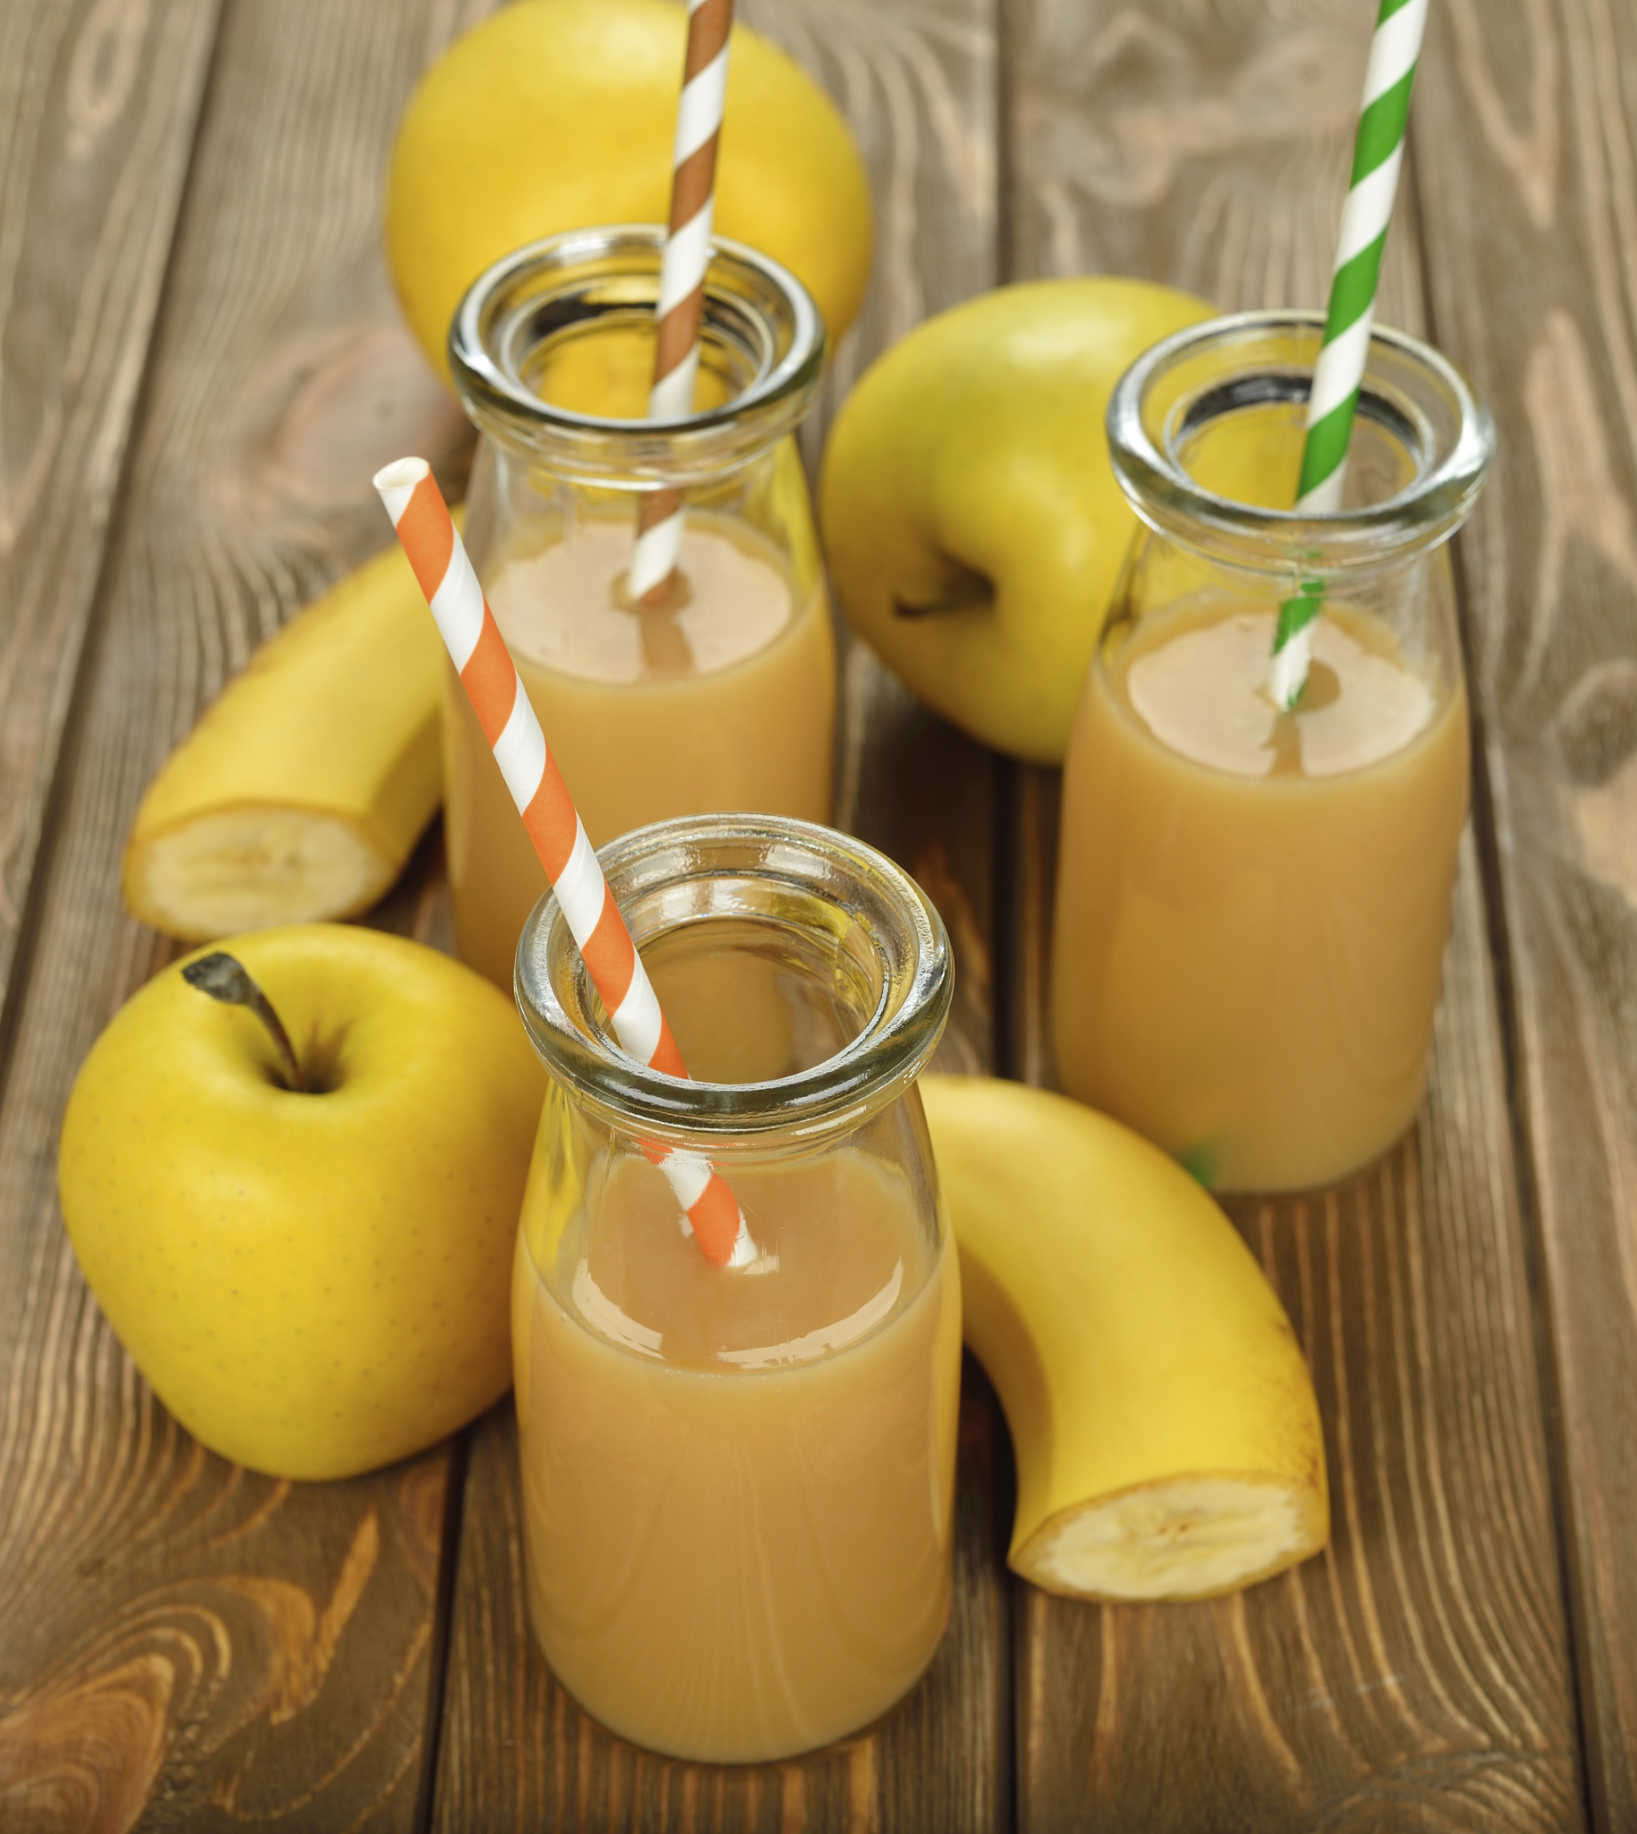 Batido de manzana platano y limonada